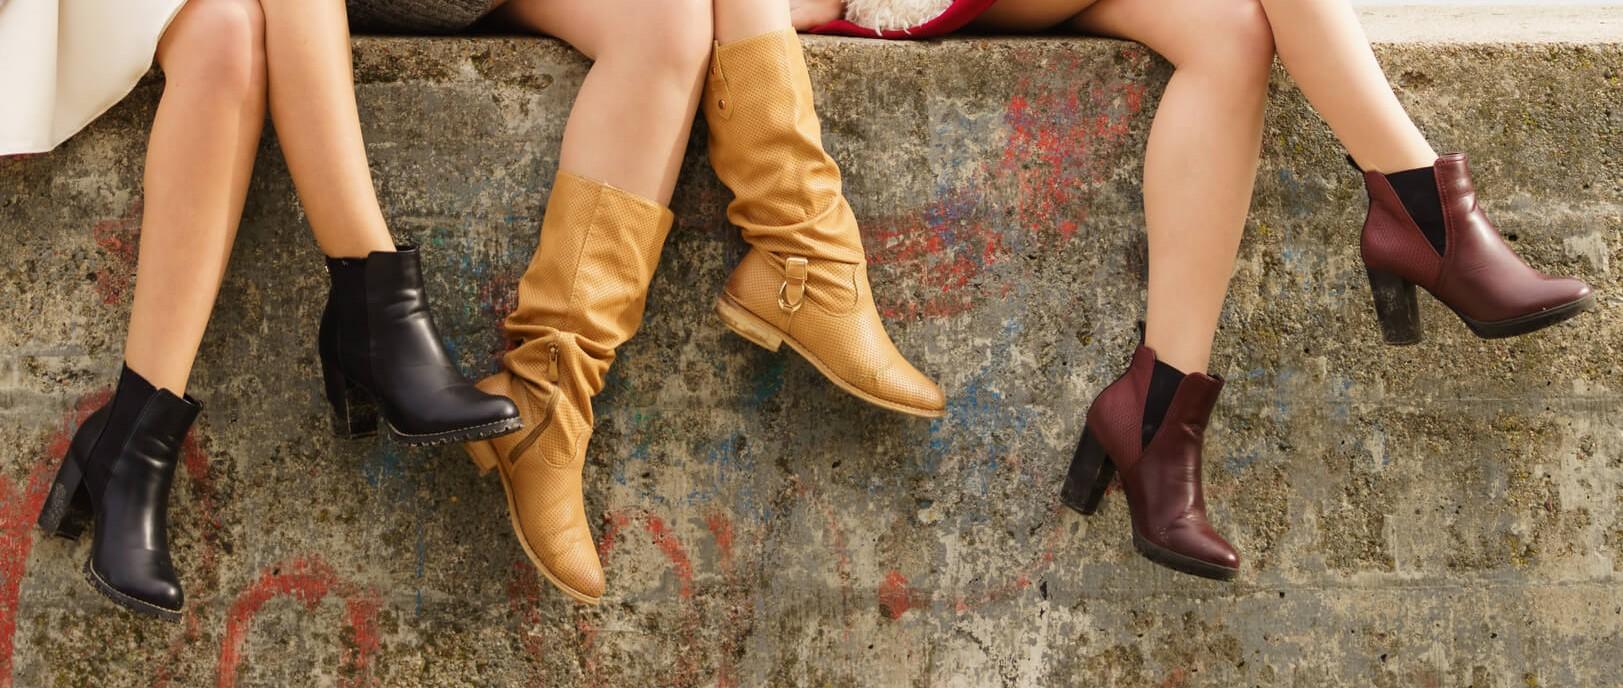 buty damskie na kazda okazje